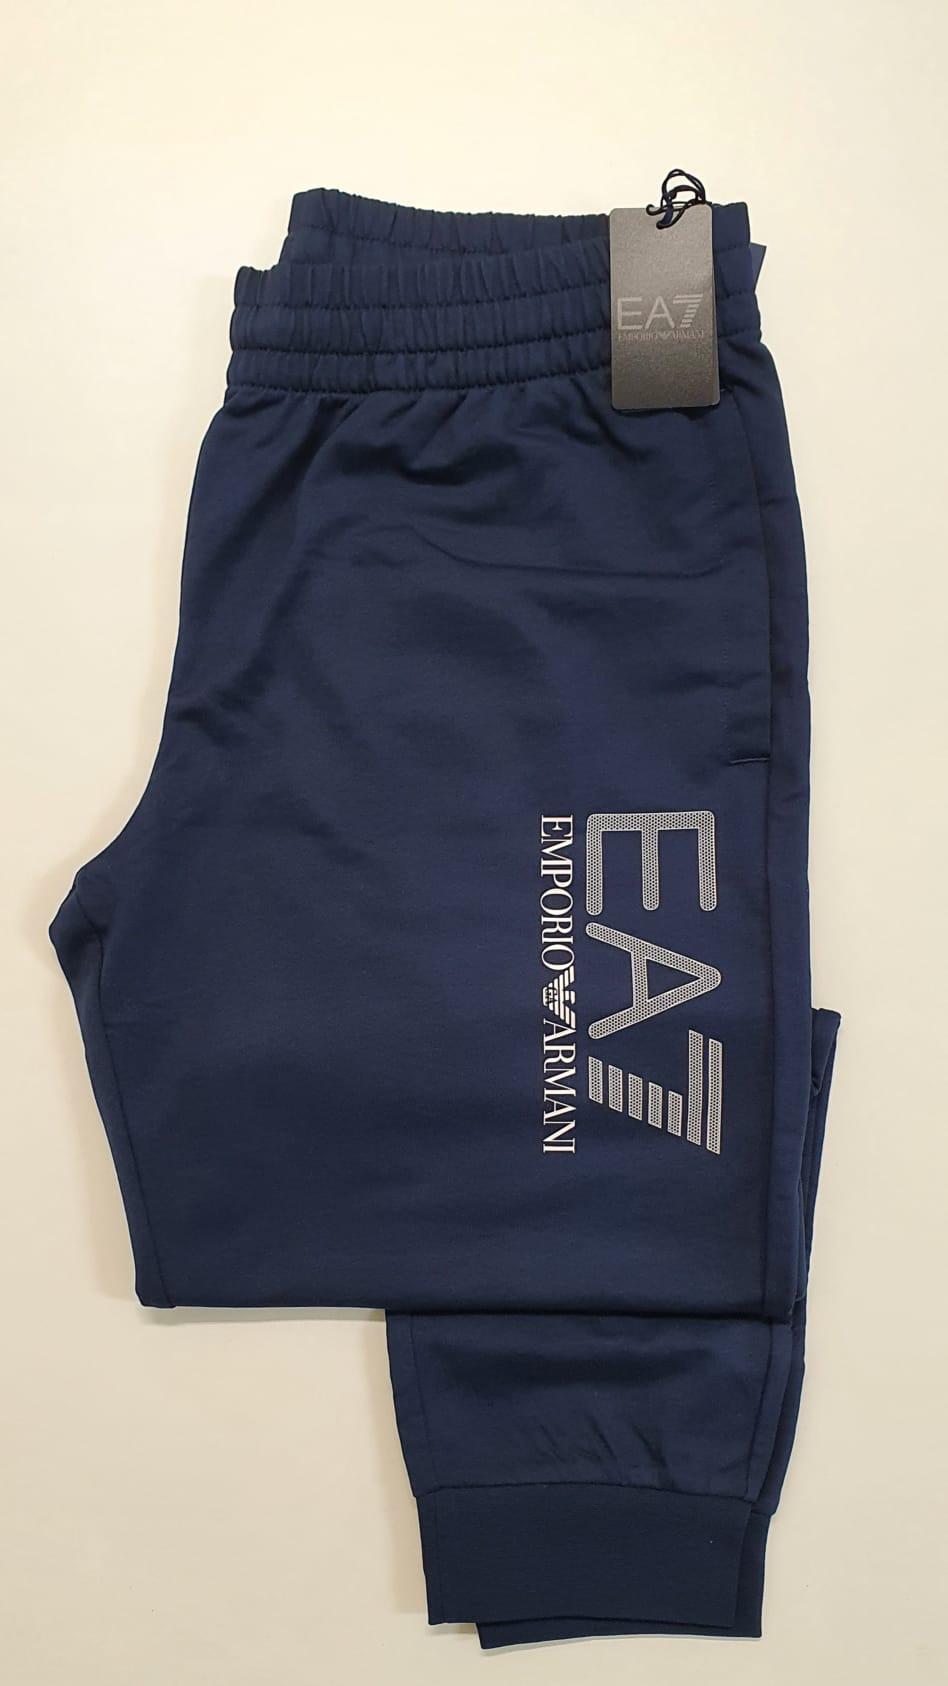 Pantalone EA7 Felpato Blu